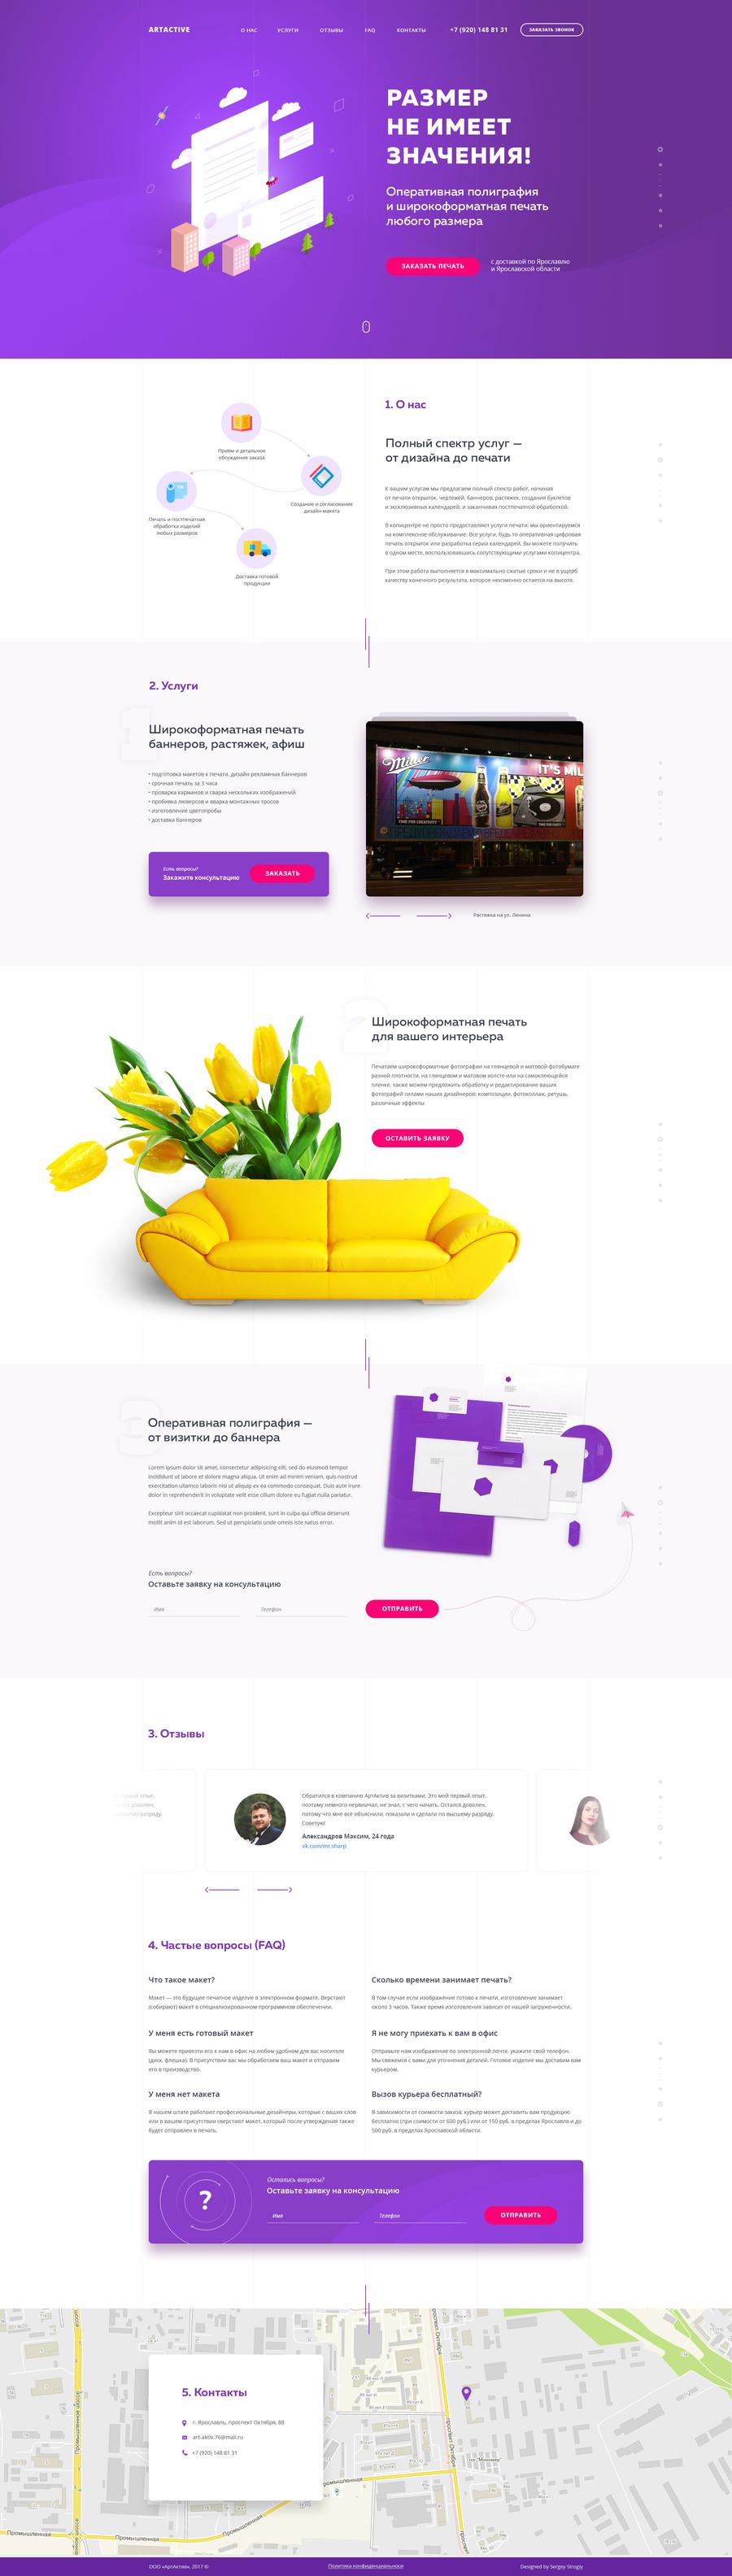 Вёрстка дизайн-макета лэндинга компании полиграфических услуг